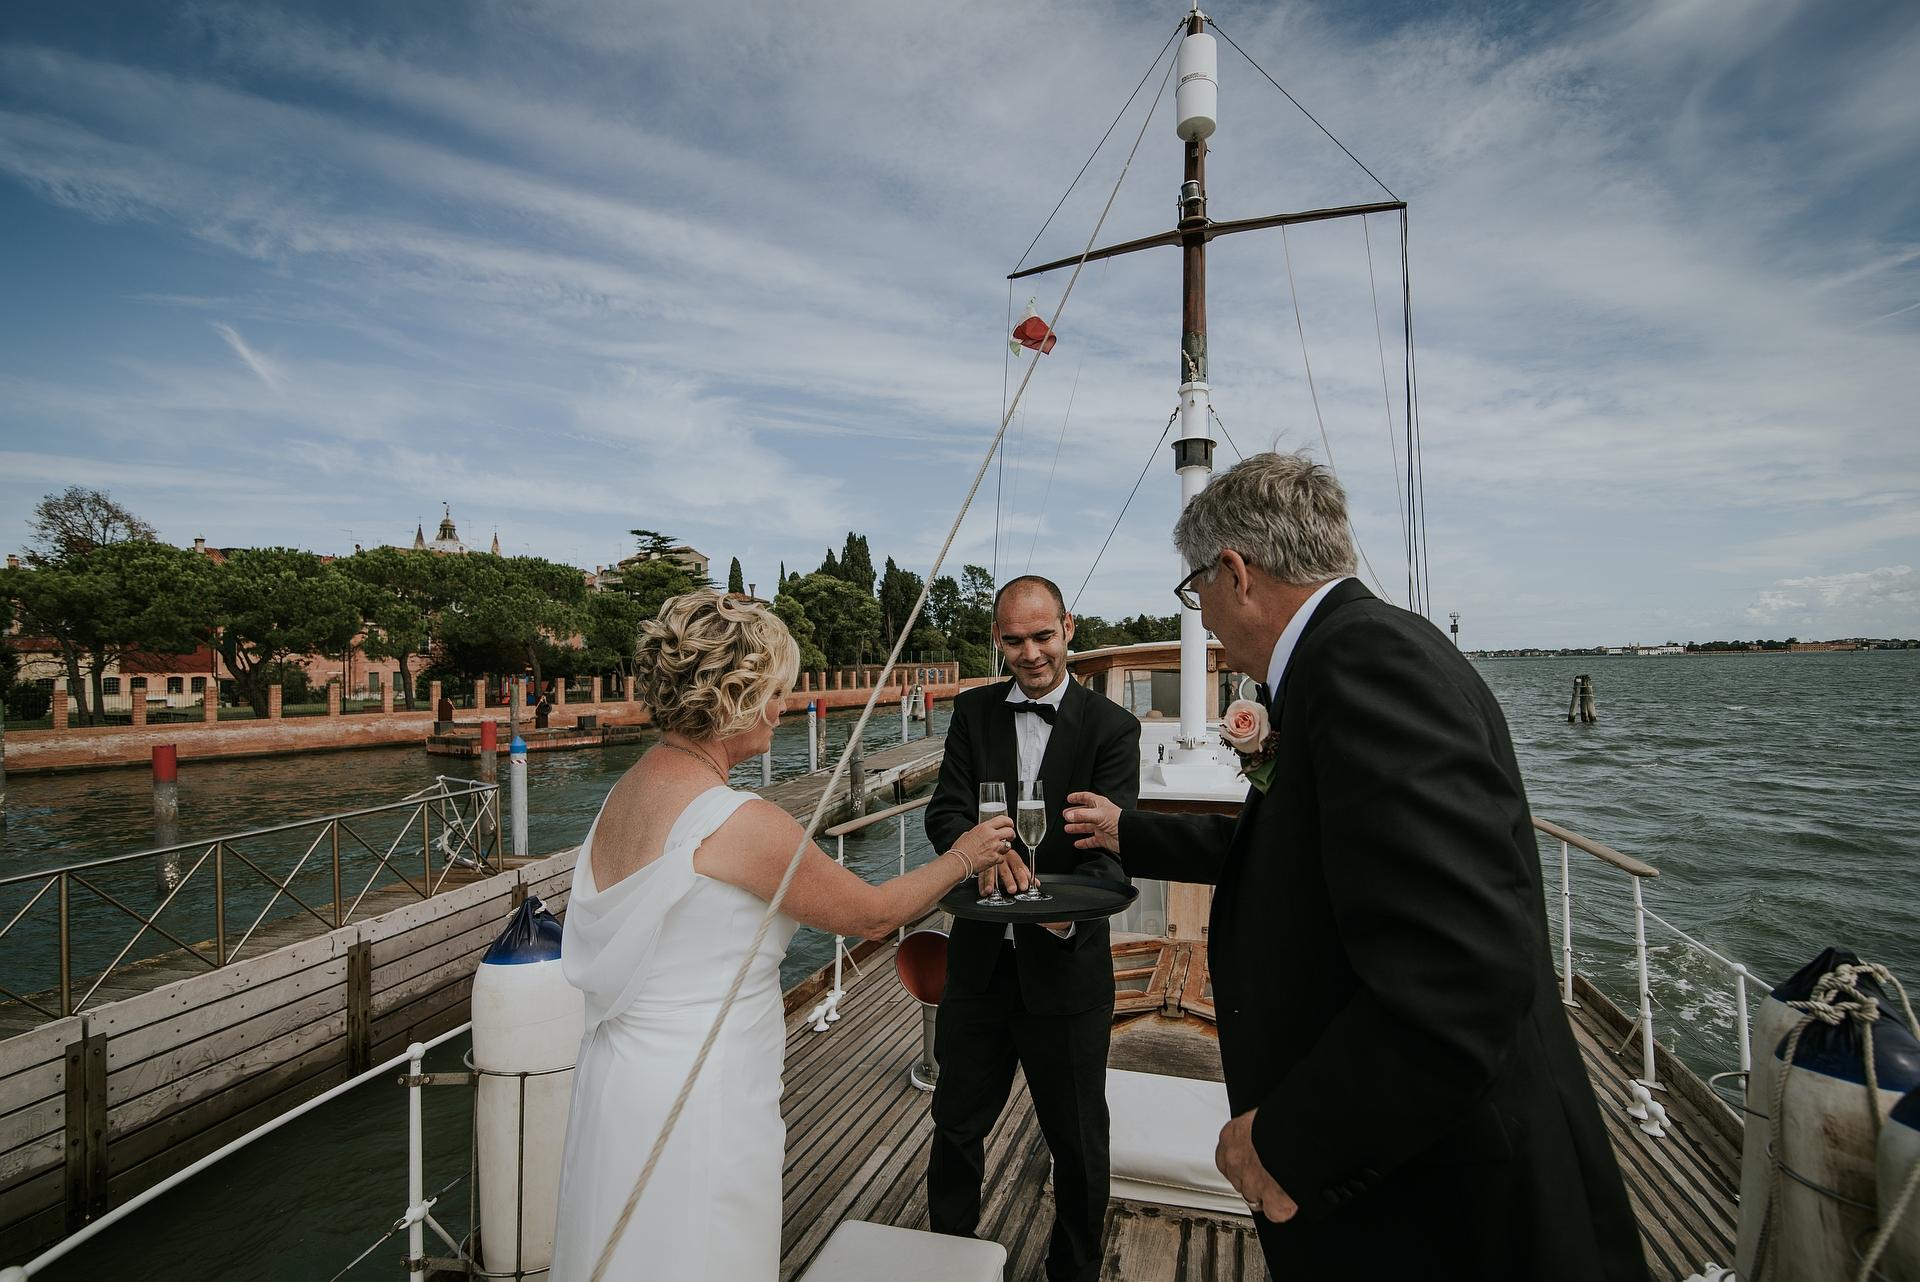 Venetië, Italië Yacht Elopement Photography | Hun eerste toast als man en vrouw